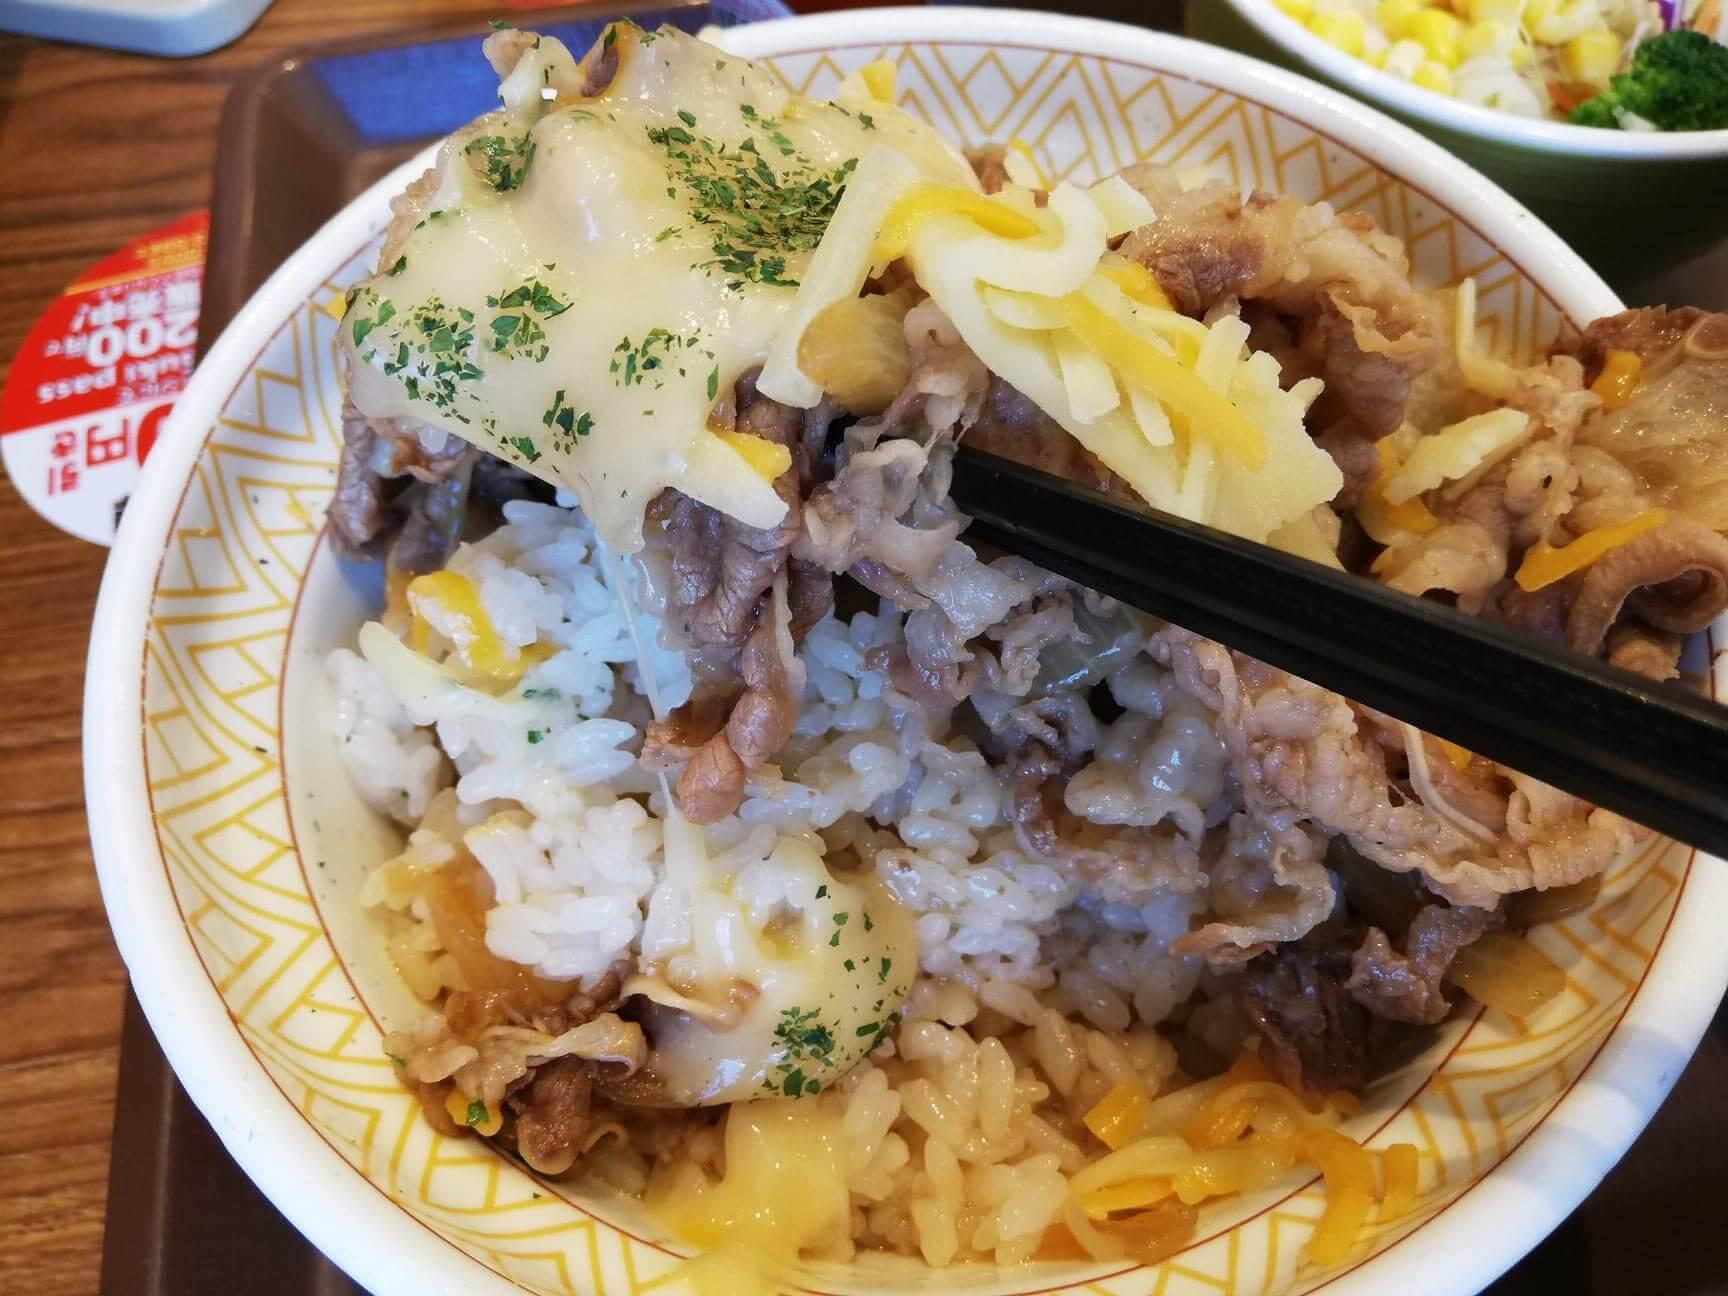 すき家の『とろーり3種のチーズ牛丼』の写真